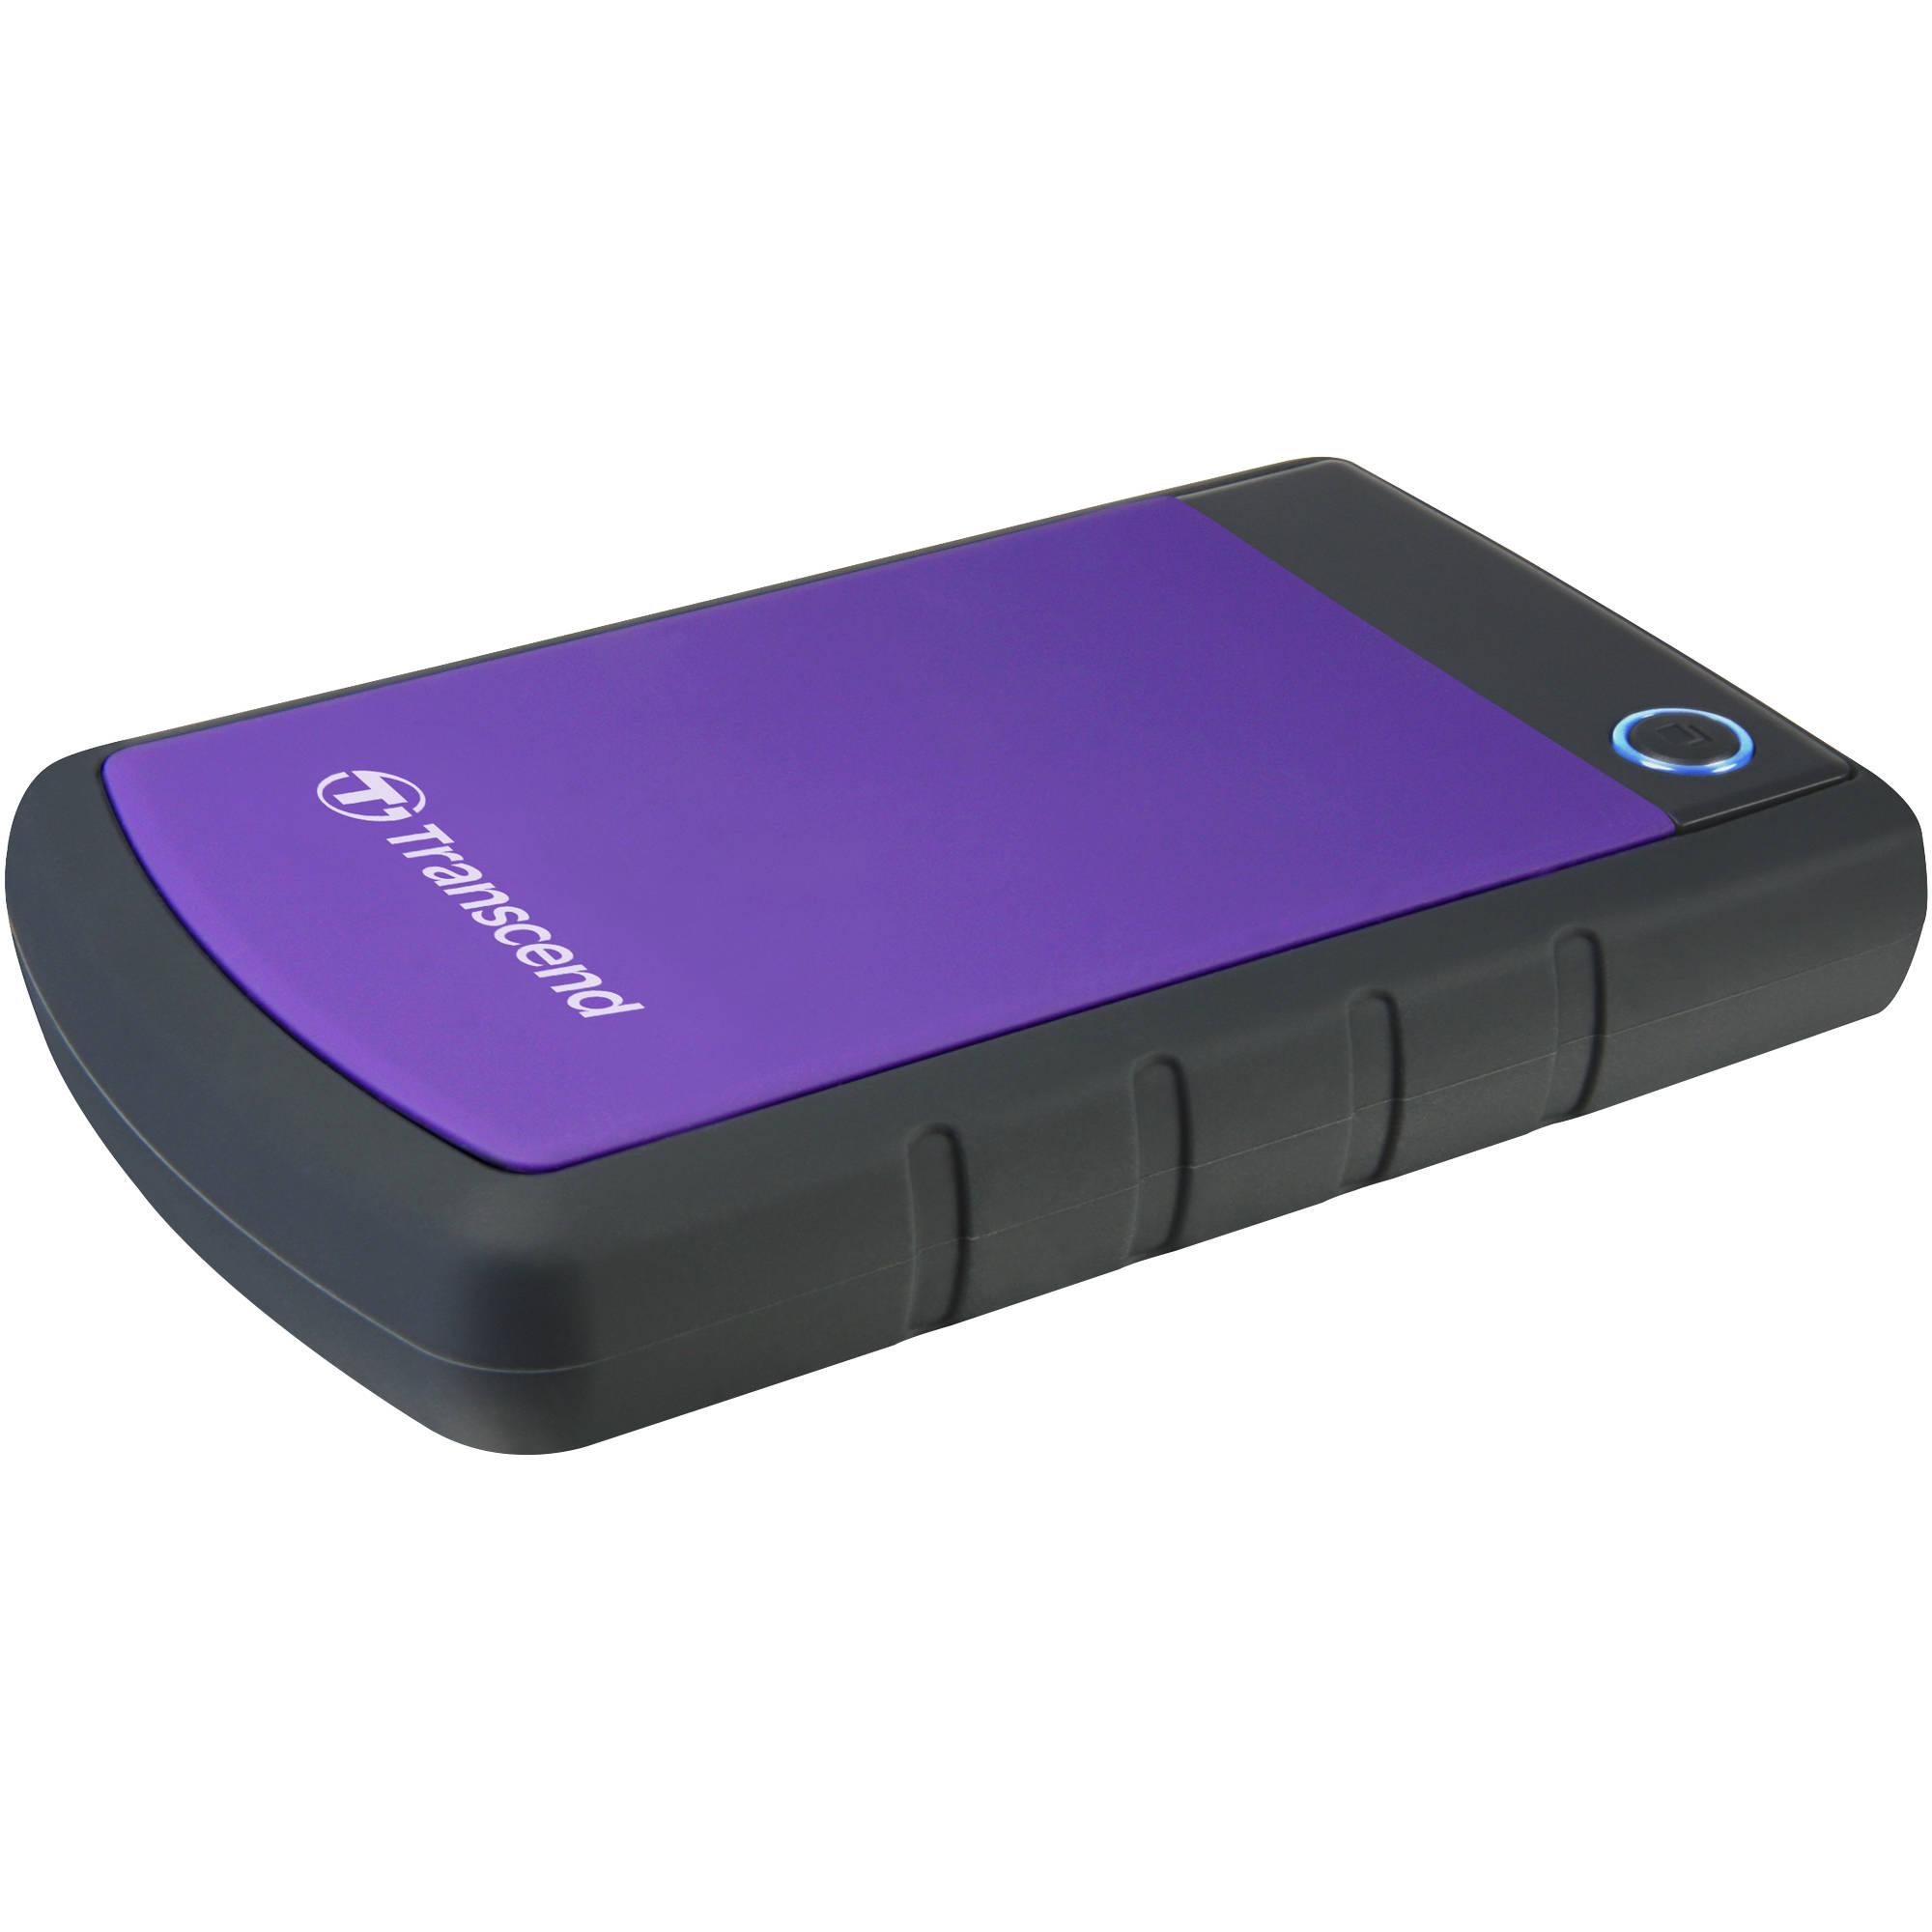 HD 4 TERRA EXTERNAL TRANSCEND STOREJET USB3.0 5400RPM ضد الصدمات كرتونة مهترئة ,External HDD